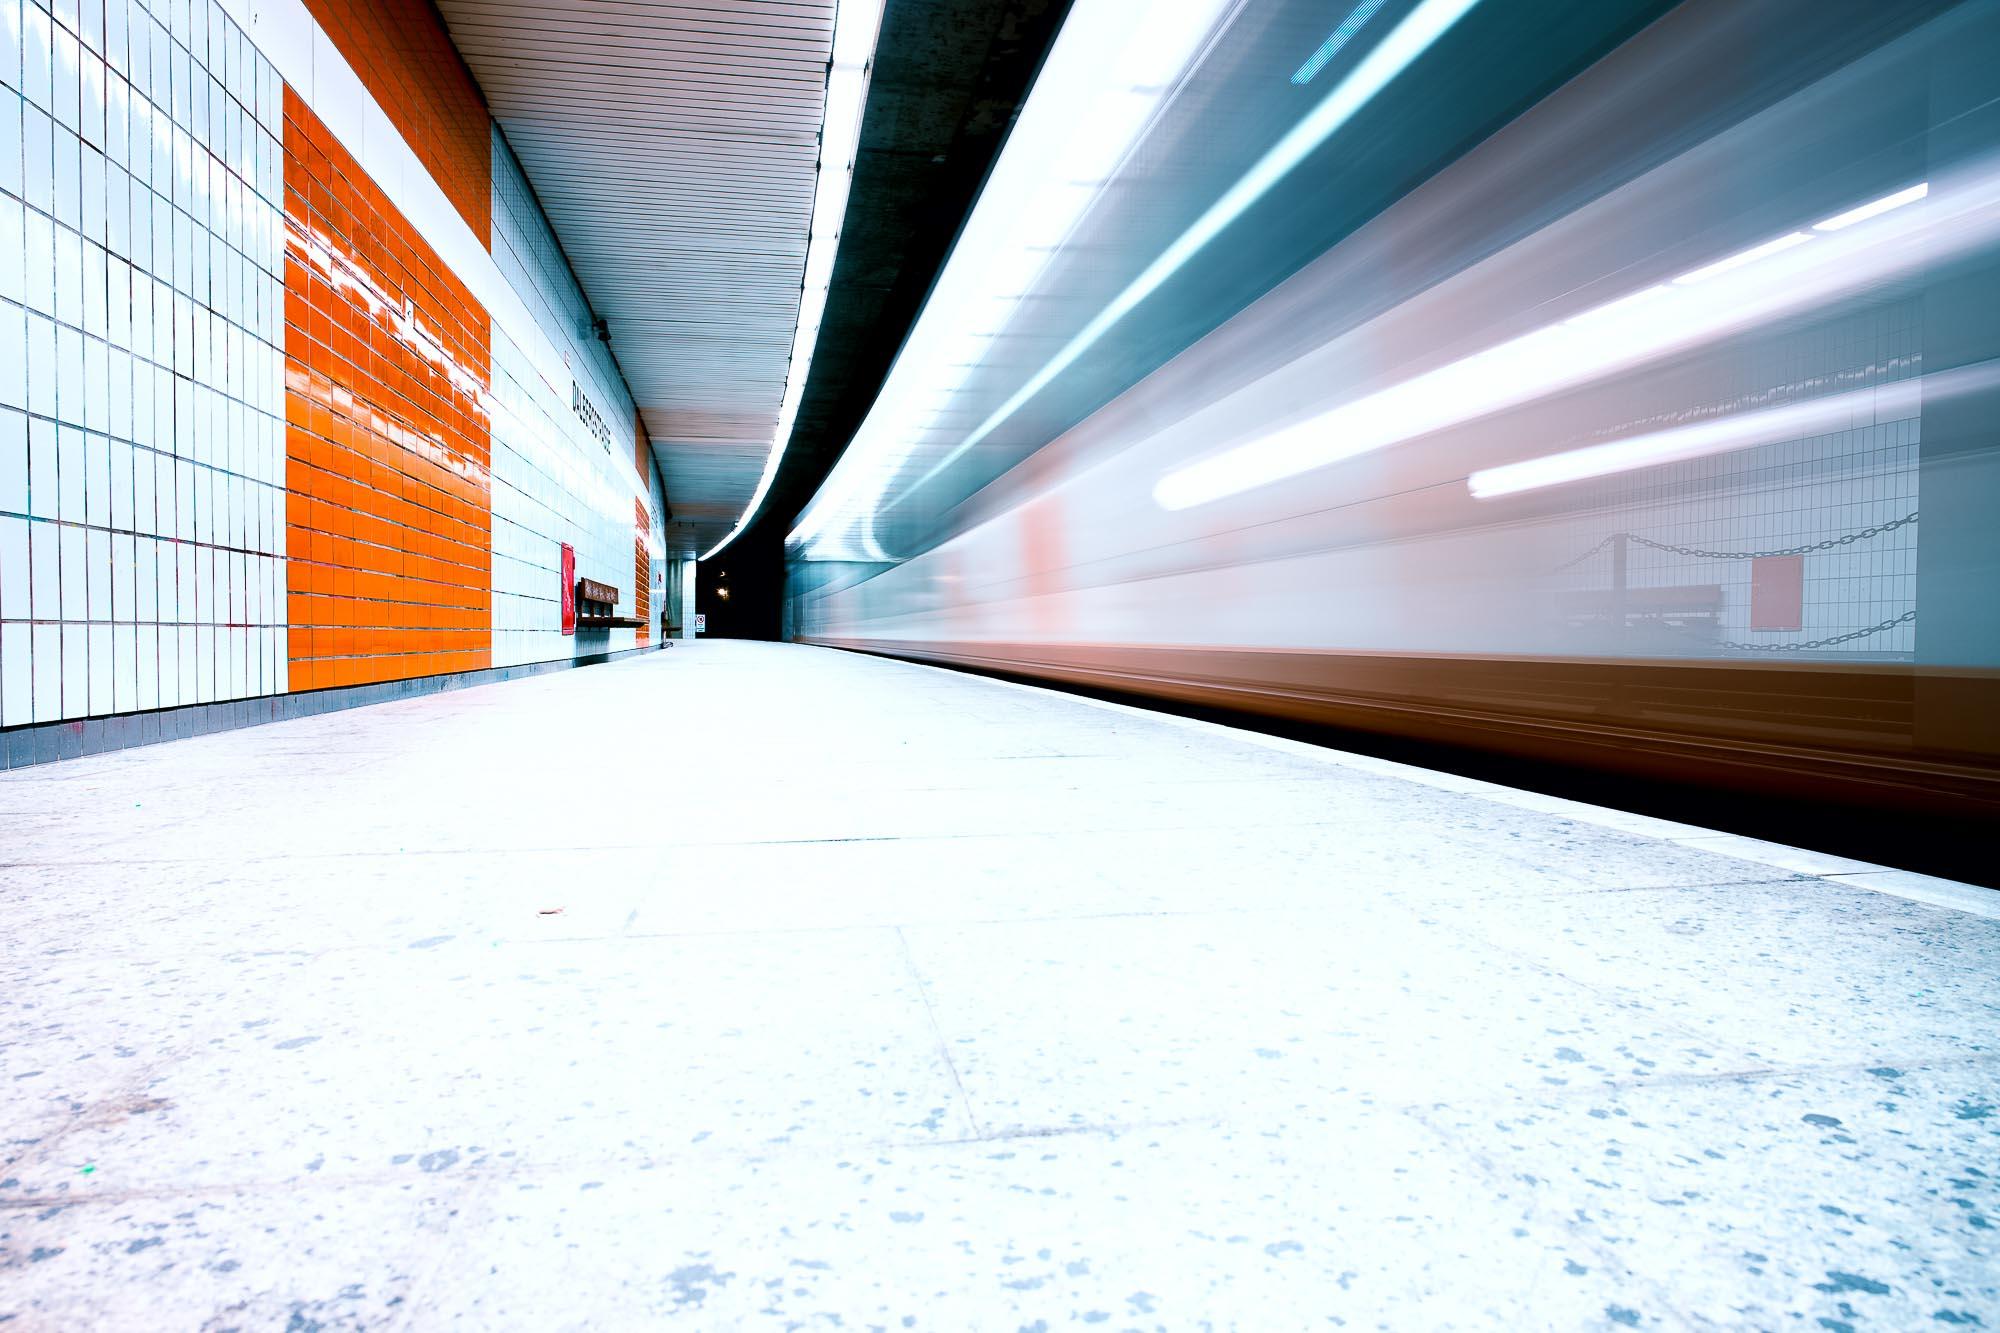 tschloss / Mannheimer U-Bahn (haha)